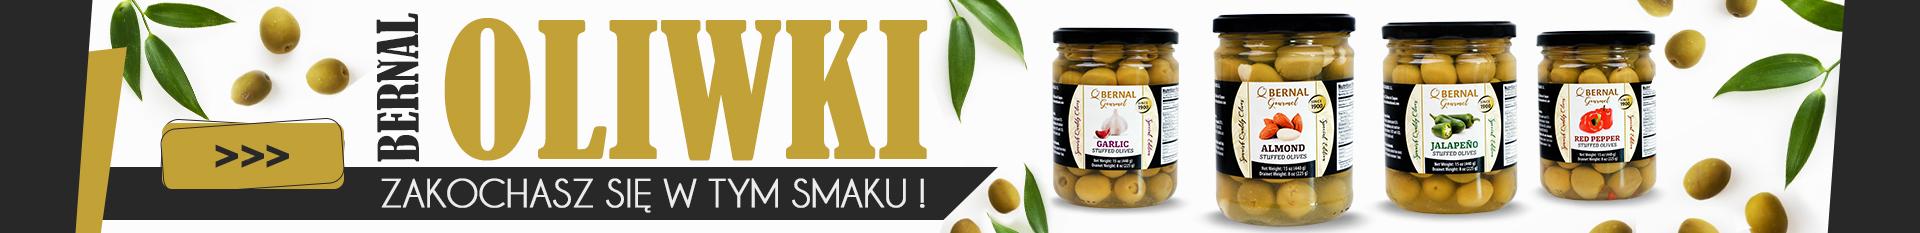 Oleje - Sklep ze zdrową żywnością, kosmetyki naturalne